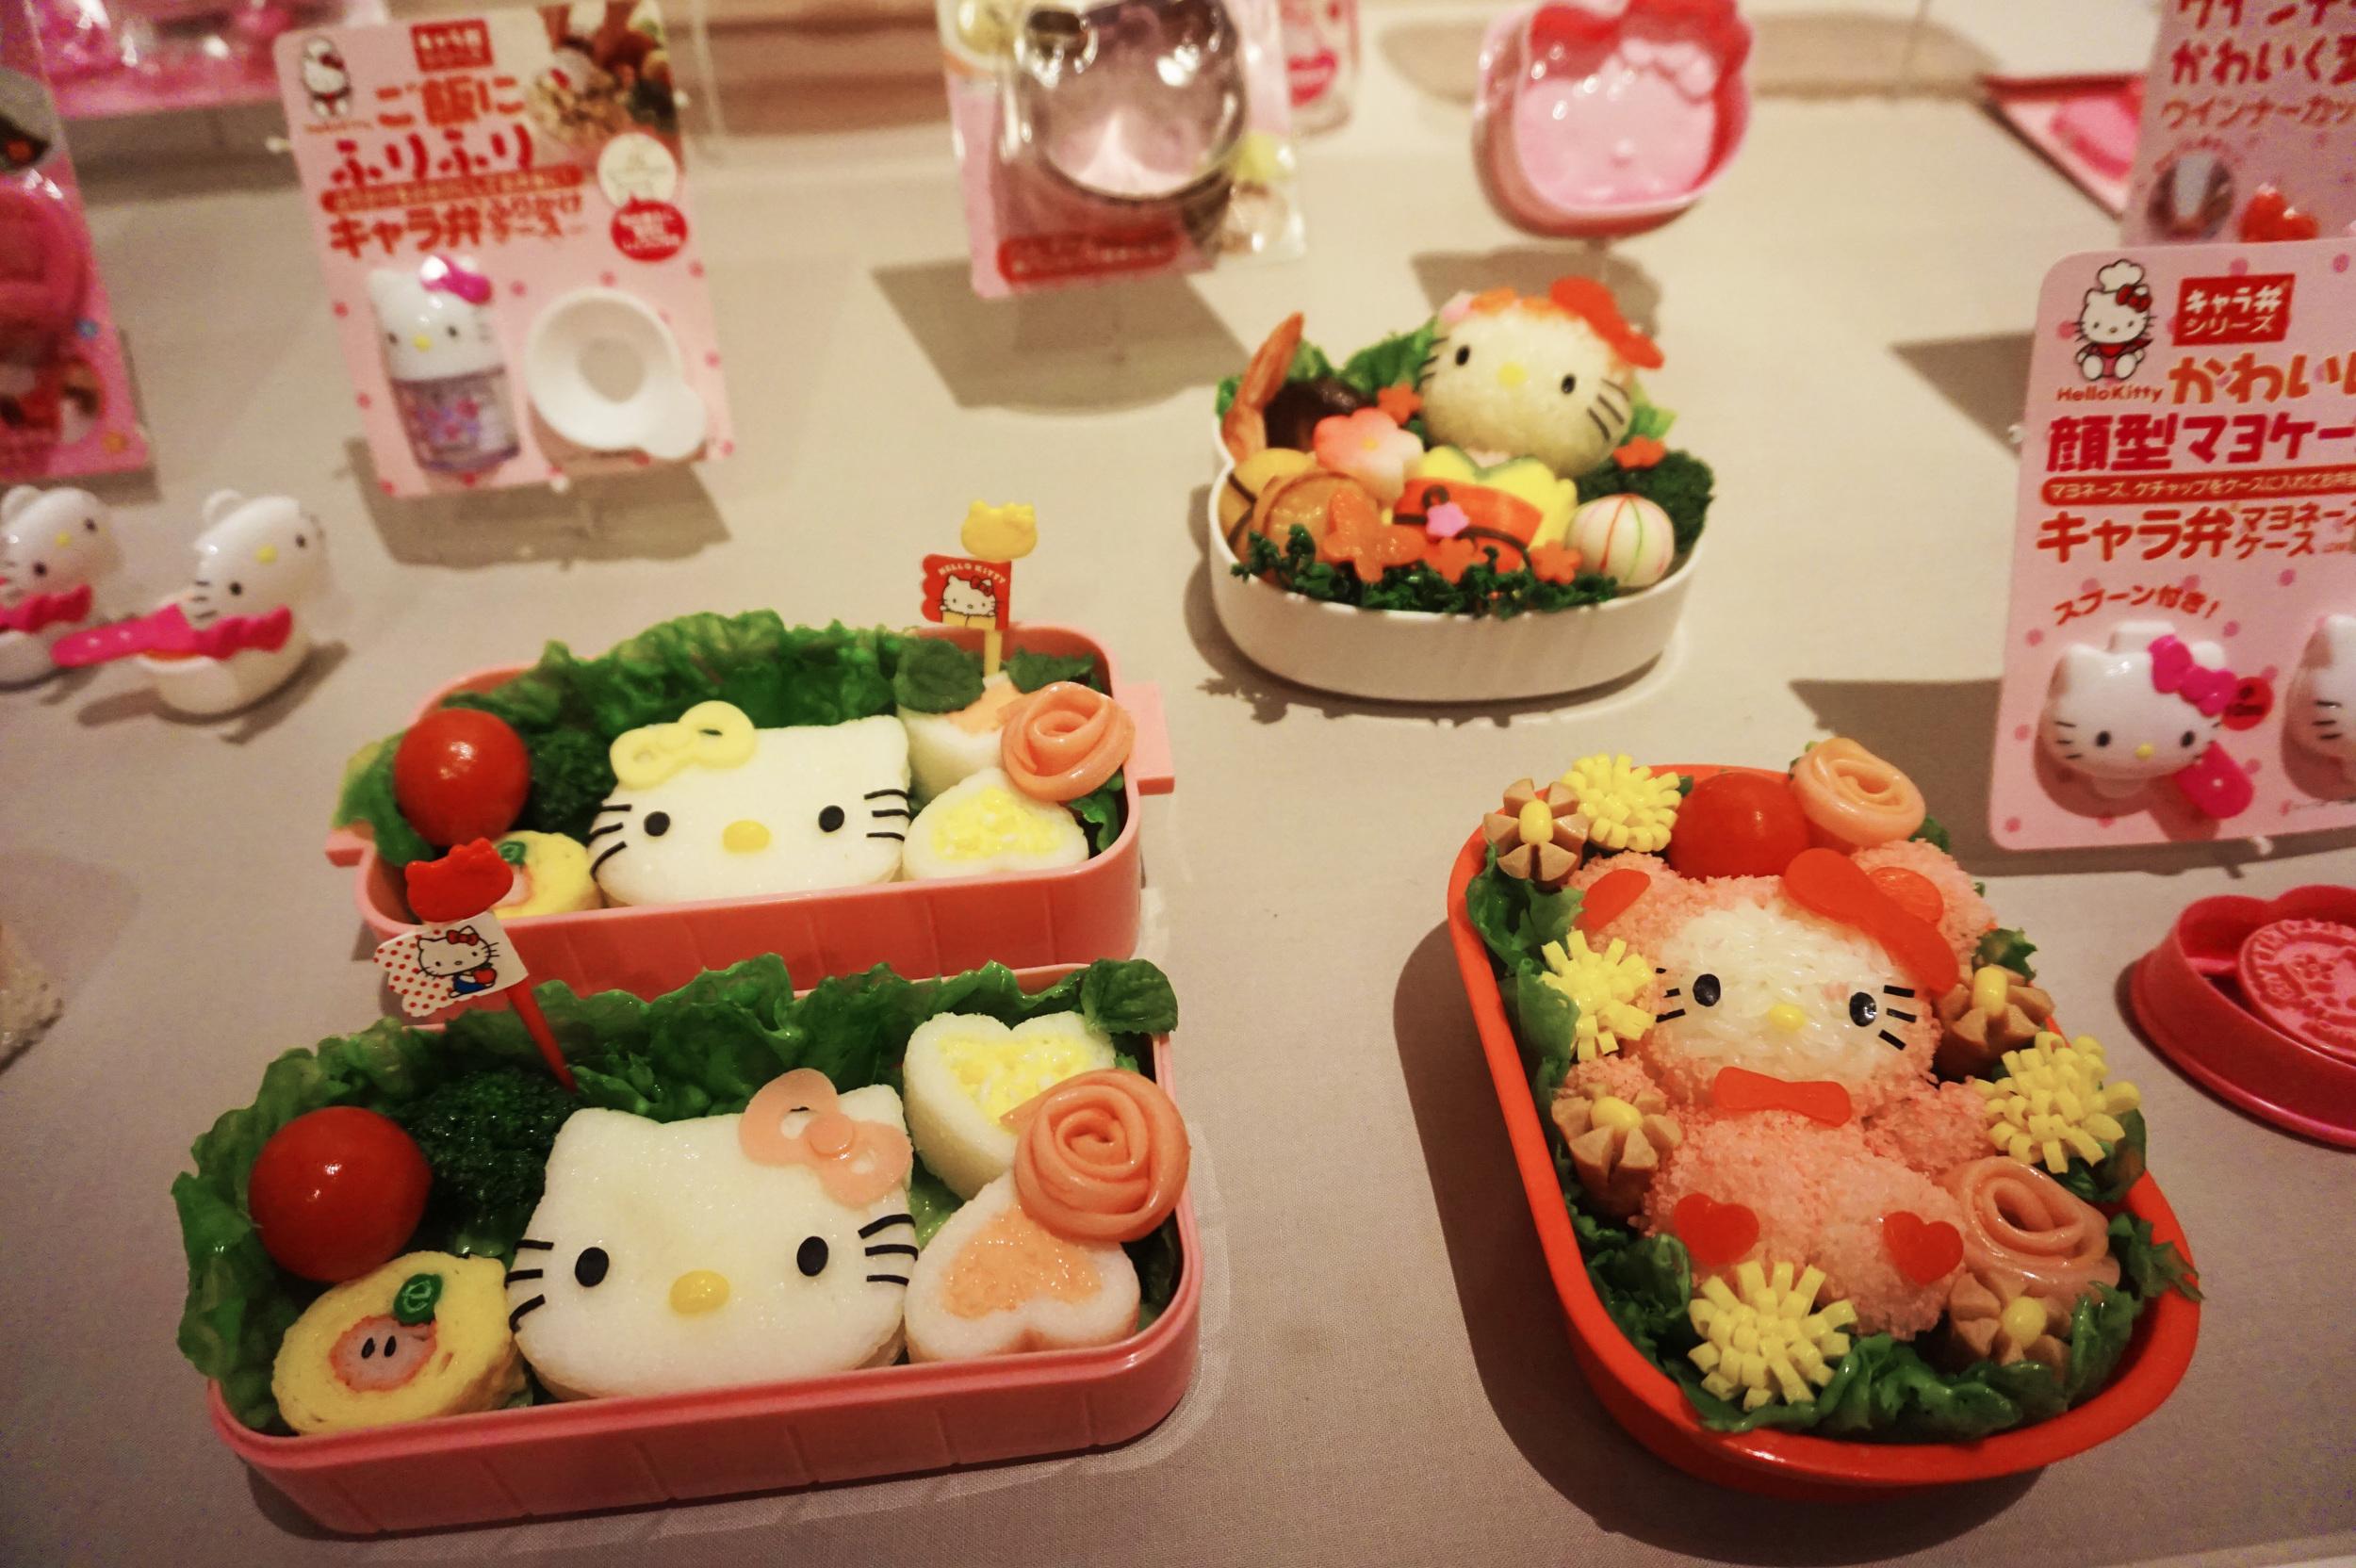 Hello Kitty bento boxes!